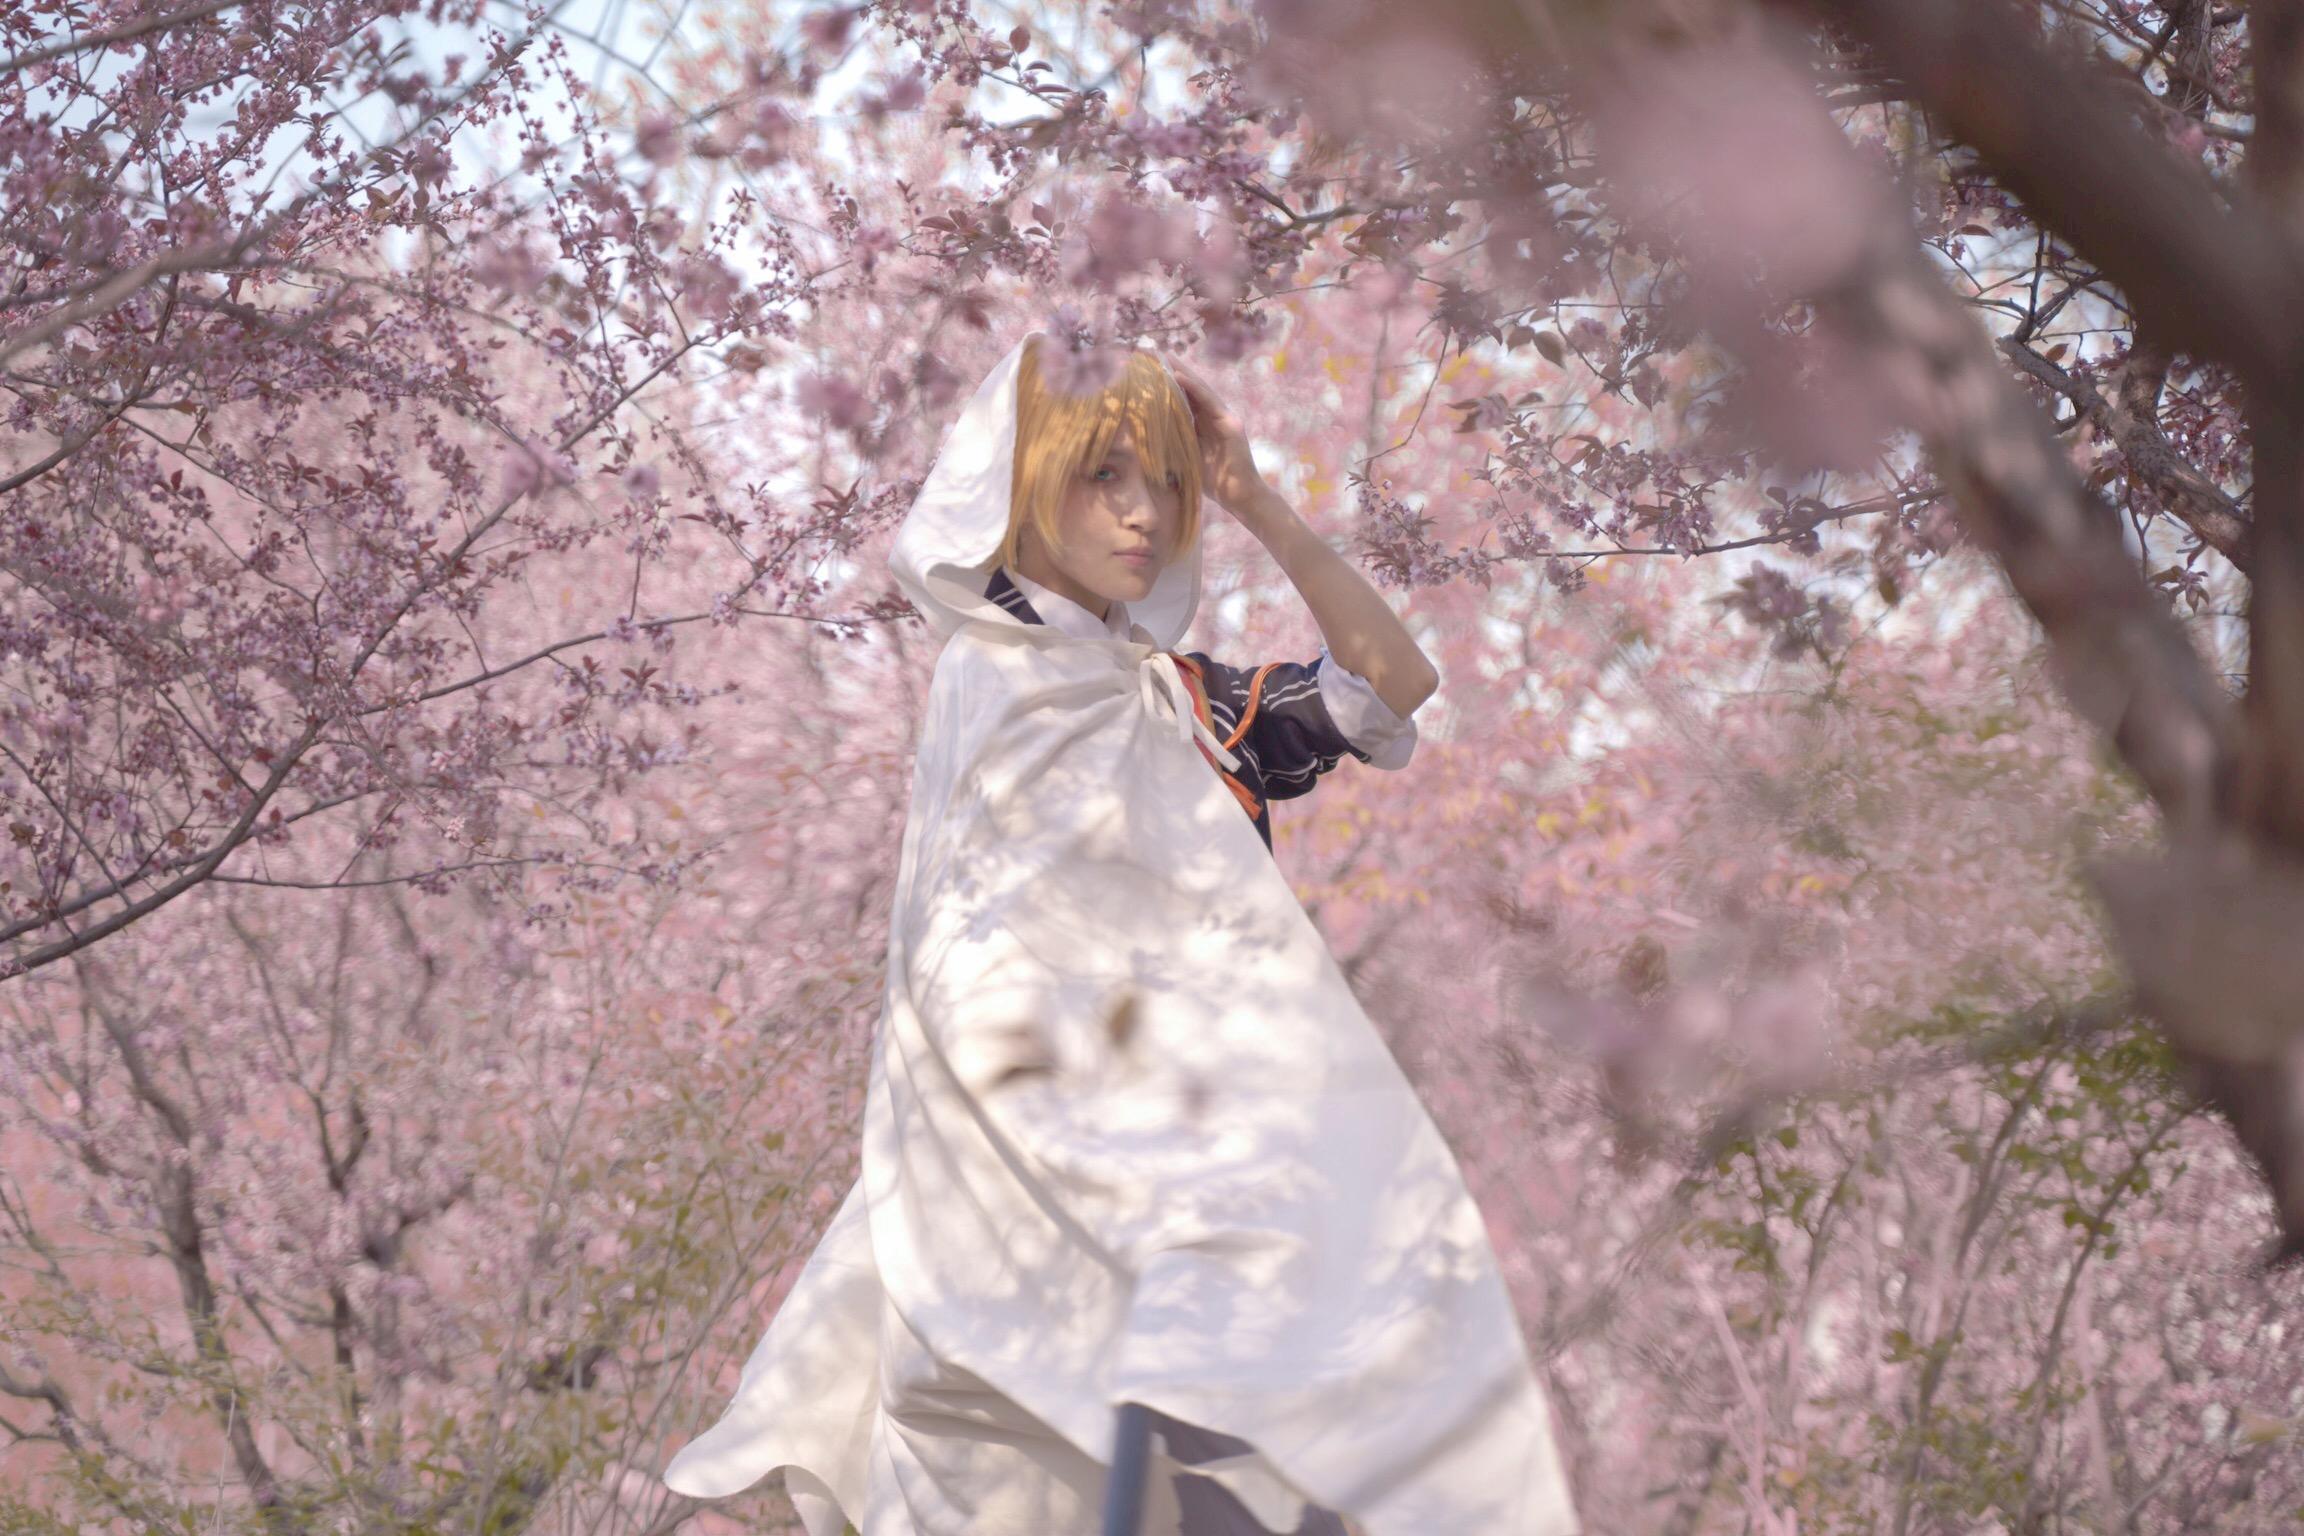 《刀剑乱舞》山姥切国广cosplay【CN:猹狸inoni】-第7张